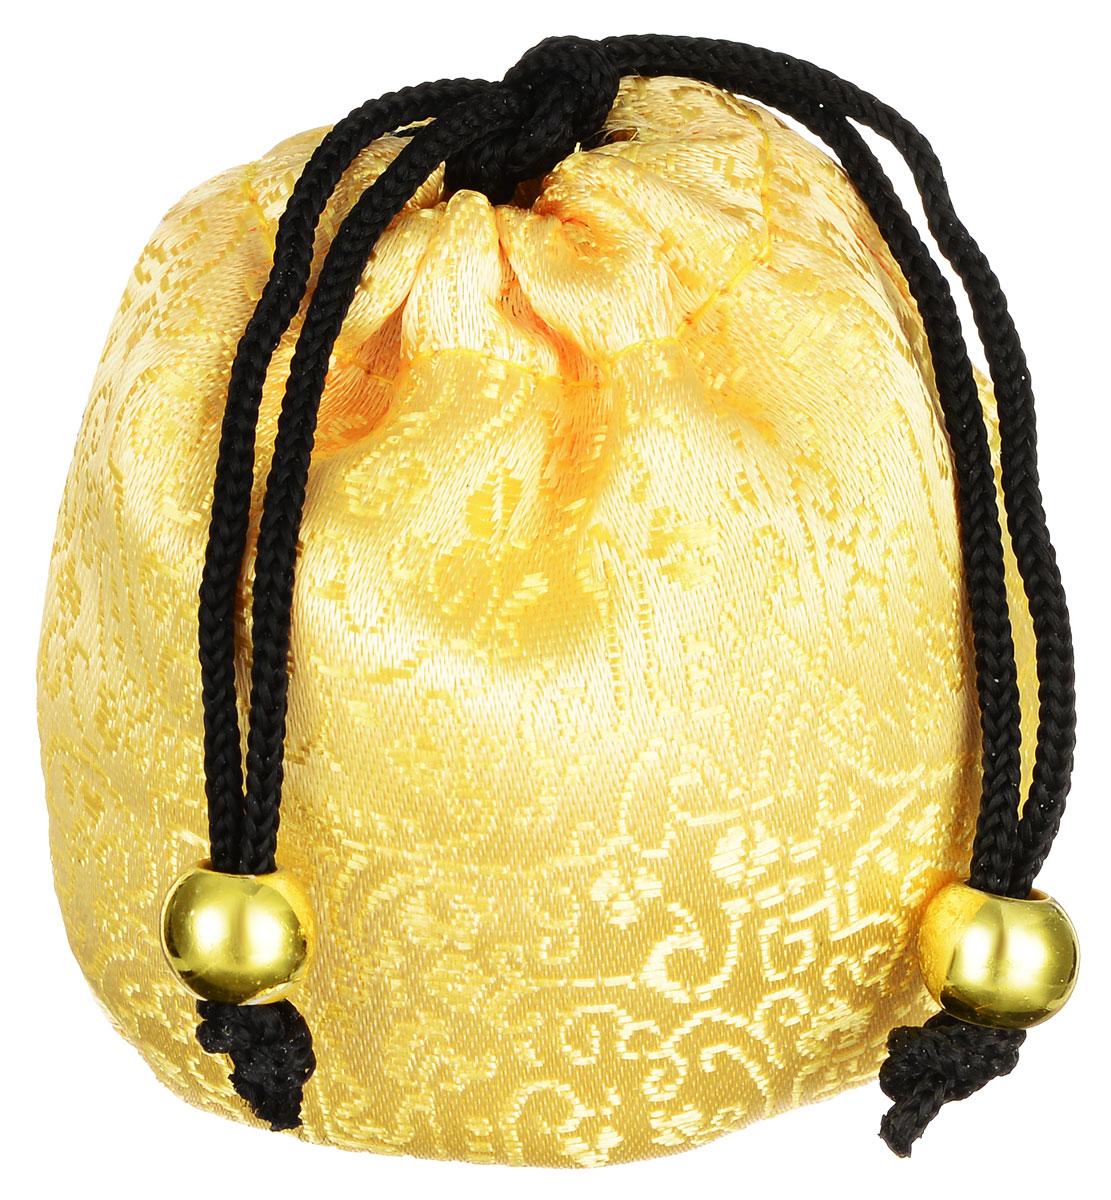 Masura Шелковый мешочек Ацуи для горячего и холодного массажа, цвет: светло-желтый804-2Шелковый мешочек Masura Ацуи применяется для холодного и горячего массажа рук и ароматерапии при проведении процедуры Японский маникюр.Изделие, оформленное оригинальной вышивкой, затягивается на кулиску с декоративными бусинами. Наполнен мешочек морской солью, сухоцветами и аромамаслами.Материал мешочка:текстиль, пластик. Размер наполненного мешочка: 6,5 см х 6,5 см х 5 см.Товар сертифицирован.Как ухаживать за ногтями: советы эксперта. Статья OZON Гид